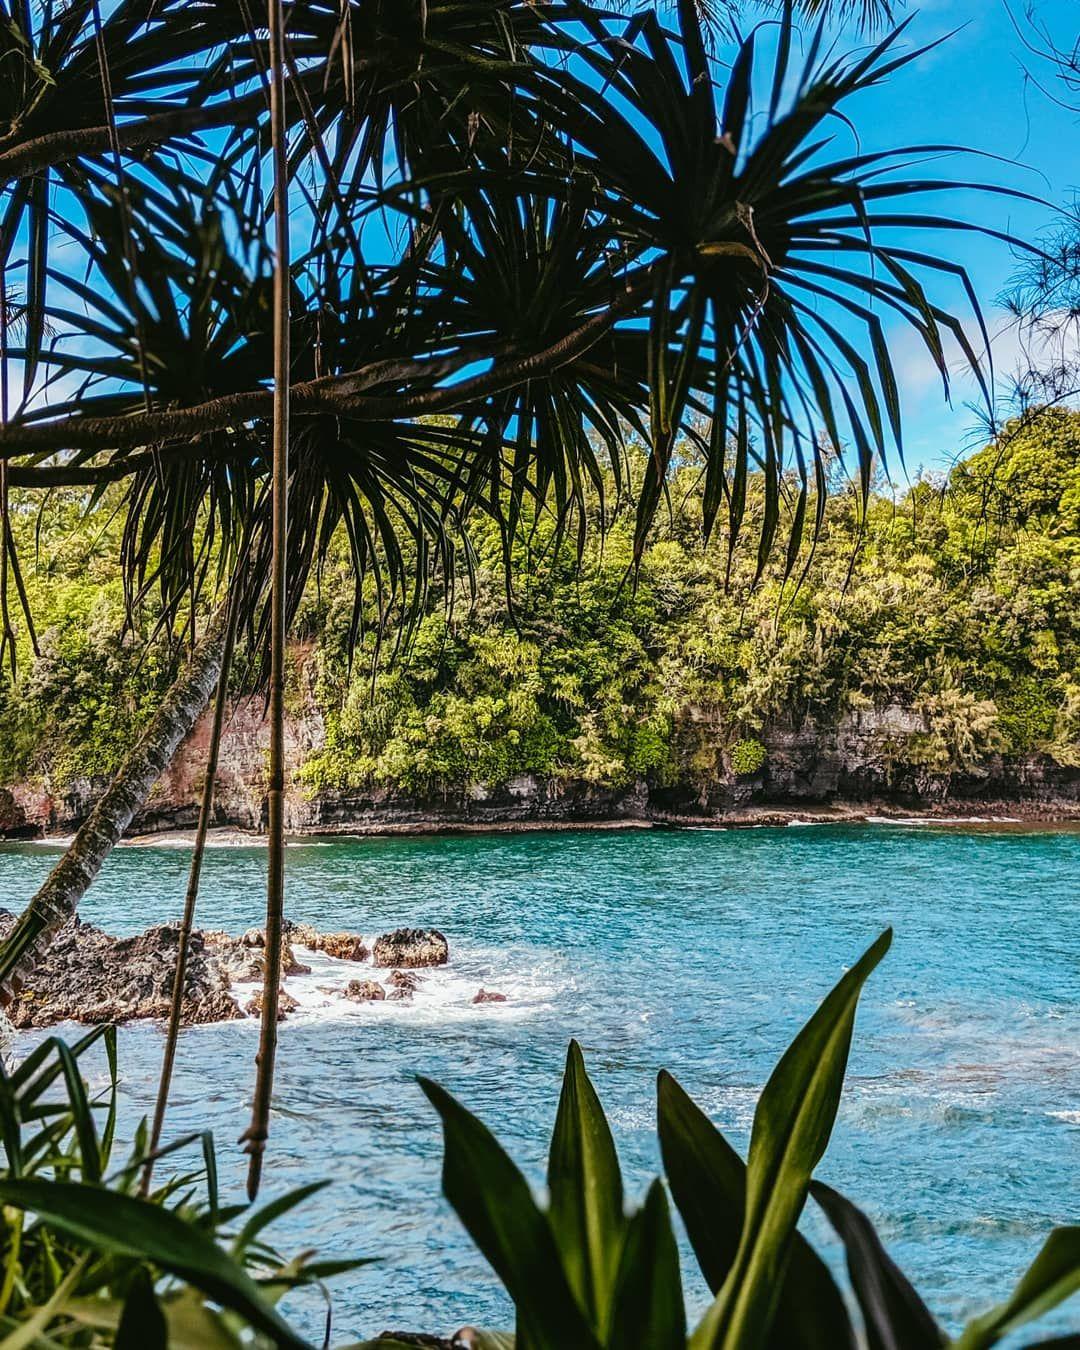 Ocean View On Hilo Side Of Big Island Hawaii 3240x4032 Oc Music Indieartist Chicago Big Island Hawaii Amazingly Beautiful Big Island